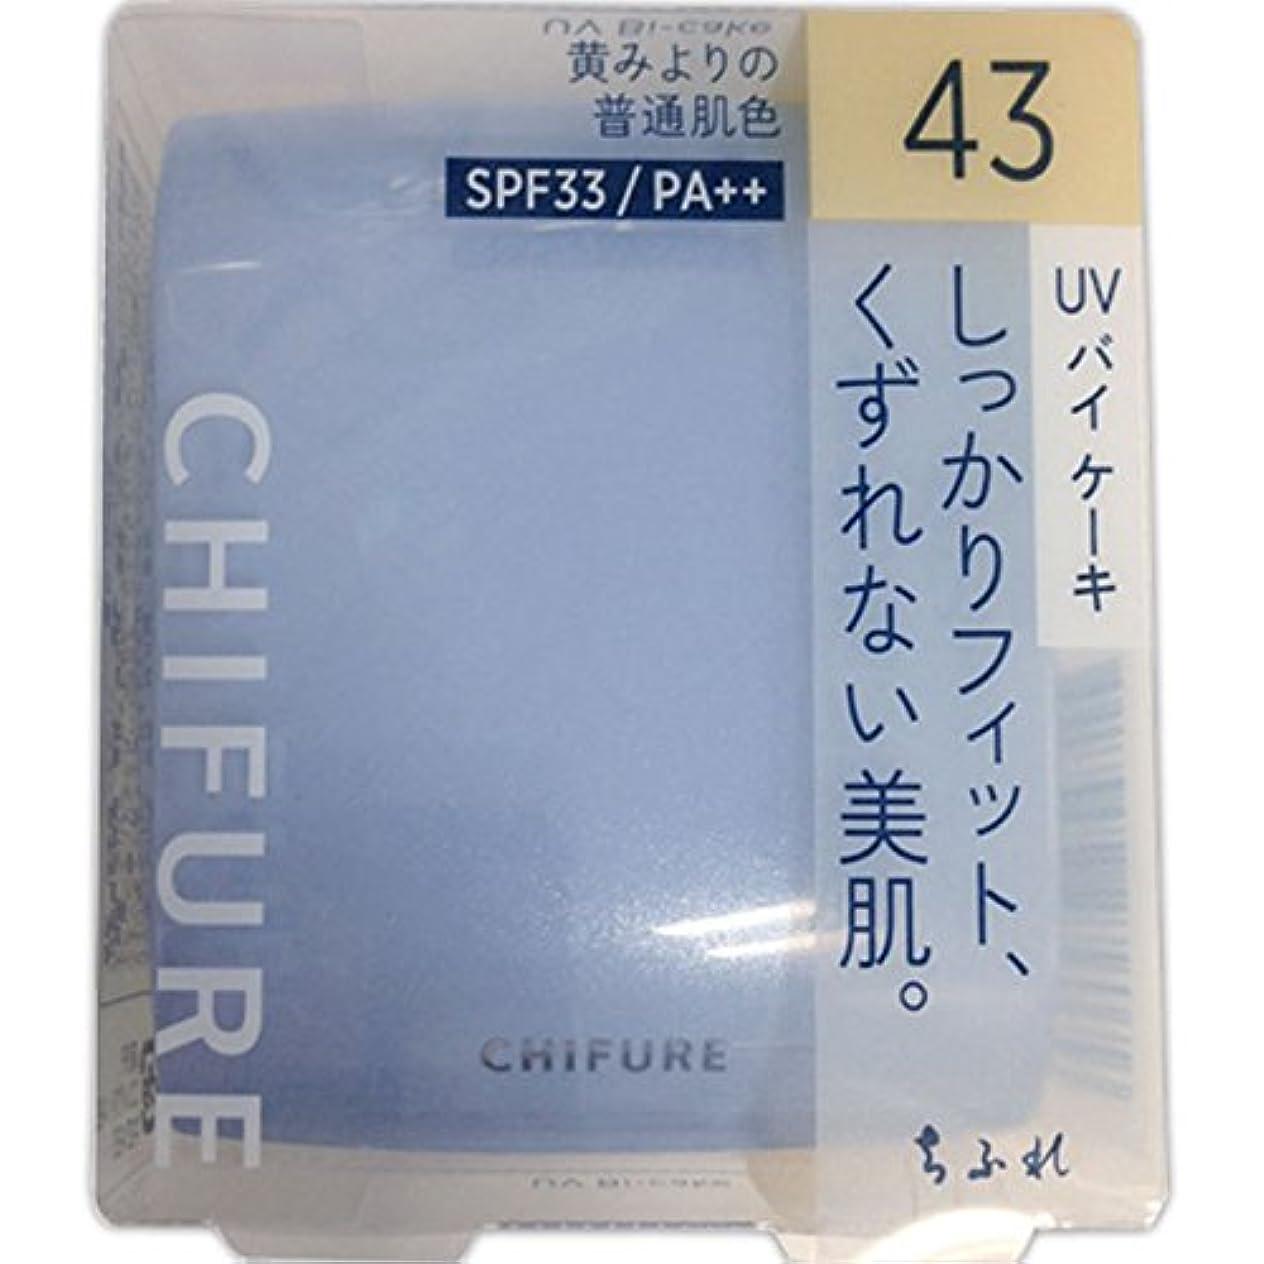 繁栄キネマティクス逆にちふれ化粧品 UV バイ ケーキ(スポンジ入り) 43 黄みよりの普通肌色 43